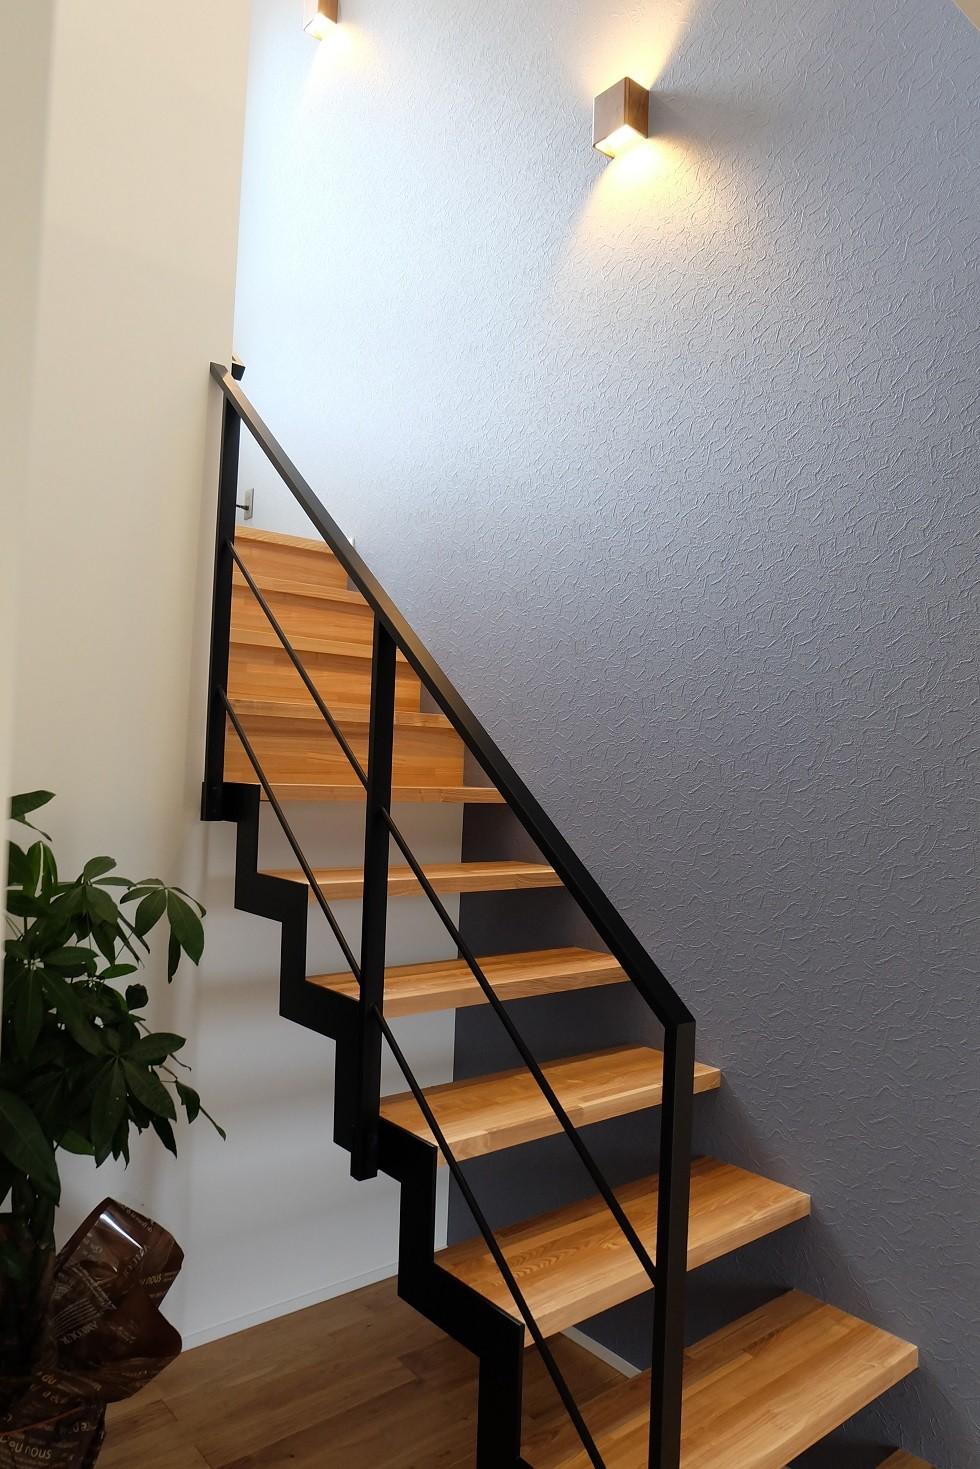 その他事例:階段(なぐるみの家)